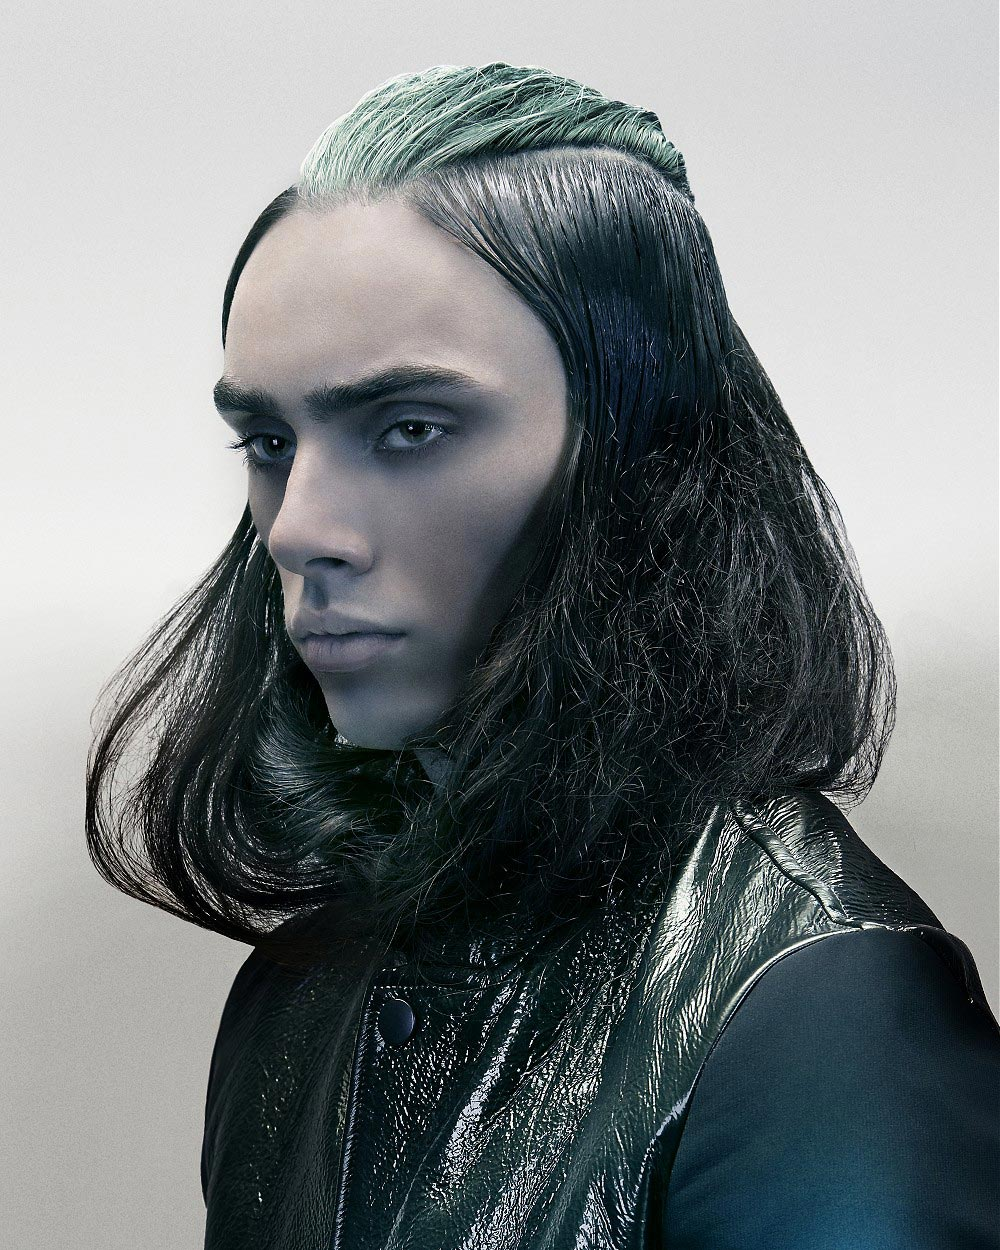 Dlhý pánsky party účes pre mladých mužov. Zakladá si na striebristom trblietaní, mokrom efektu a extravagantne zelenej partii vlasov.